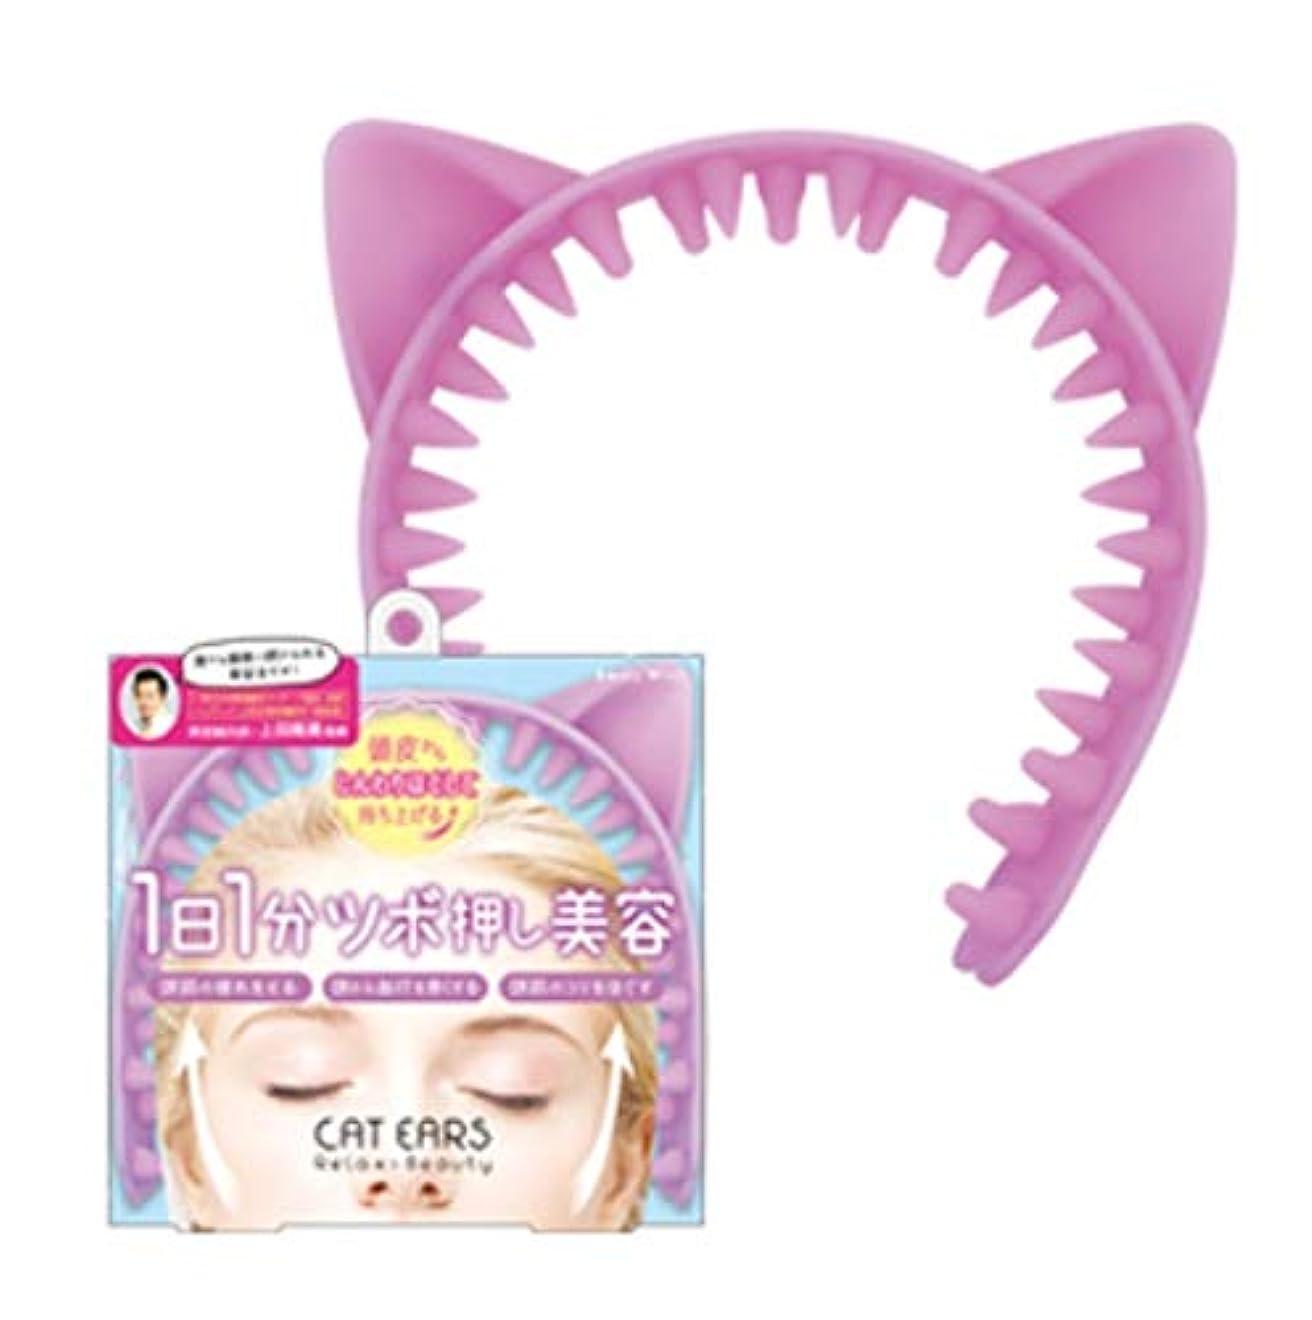 グラフ水族館吐き出すツボ押し美容 猫耳で頭からすっきり SMK1200